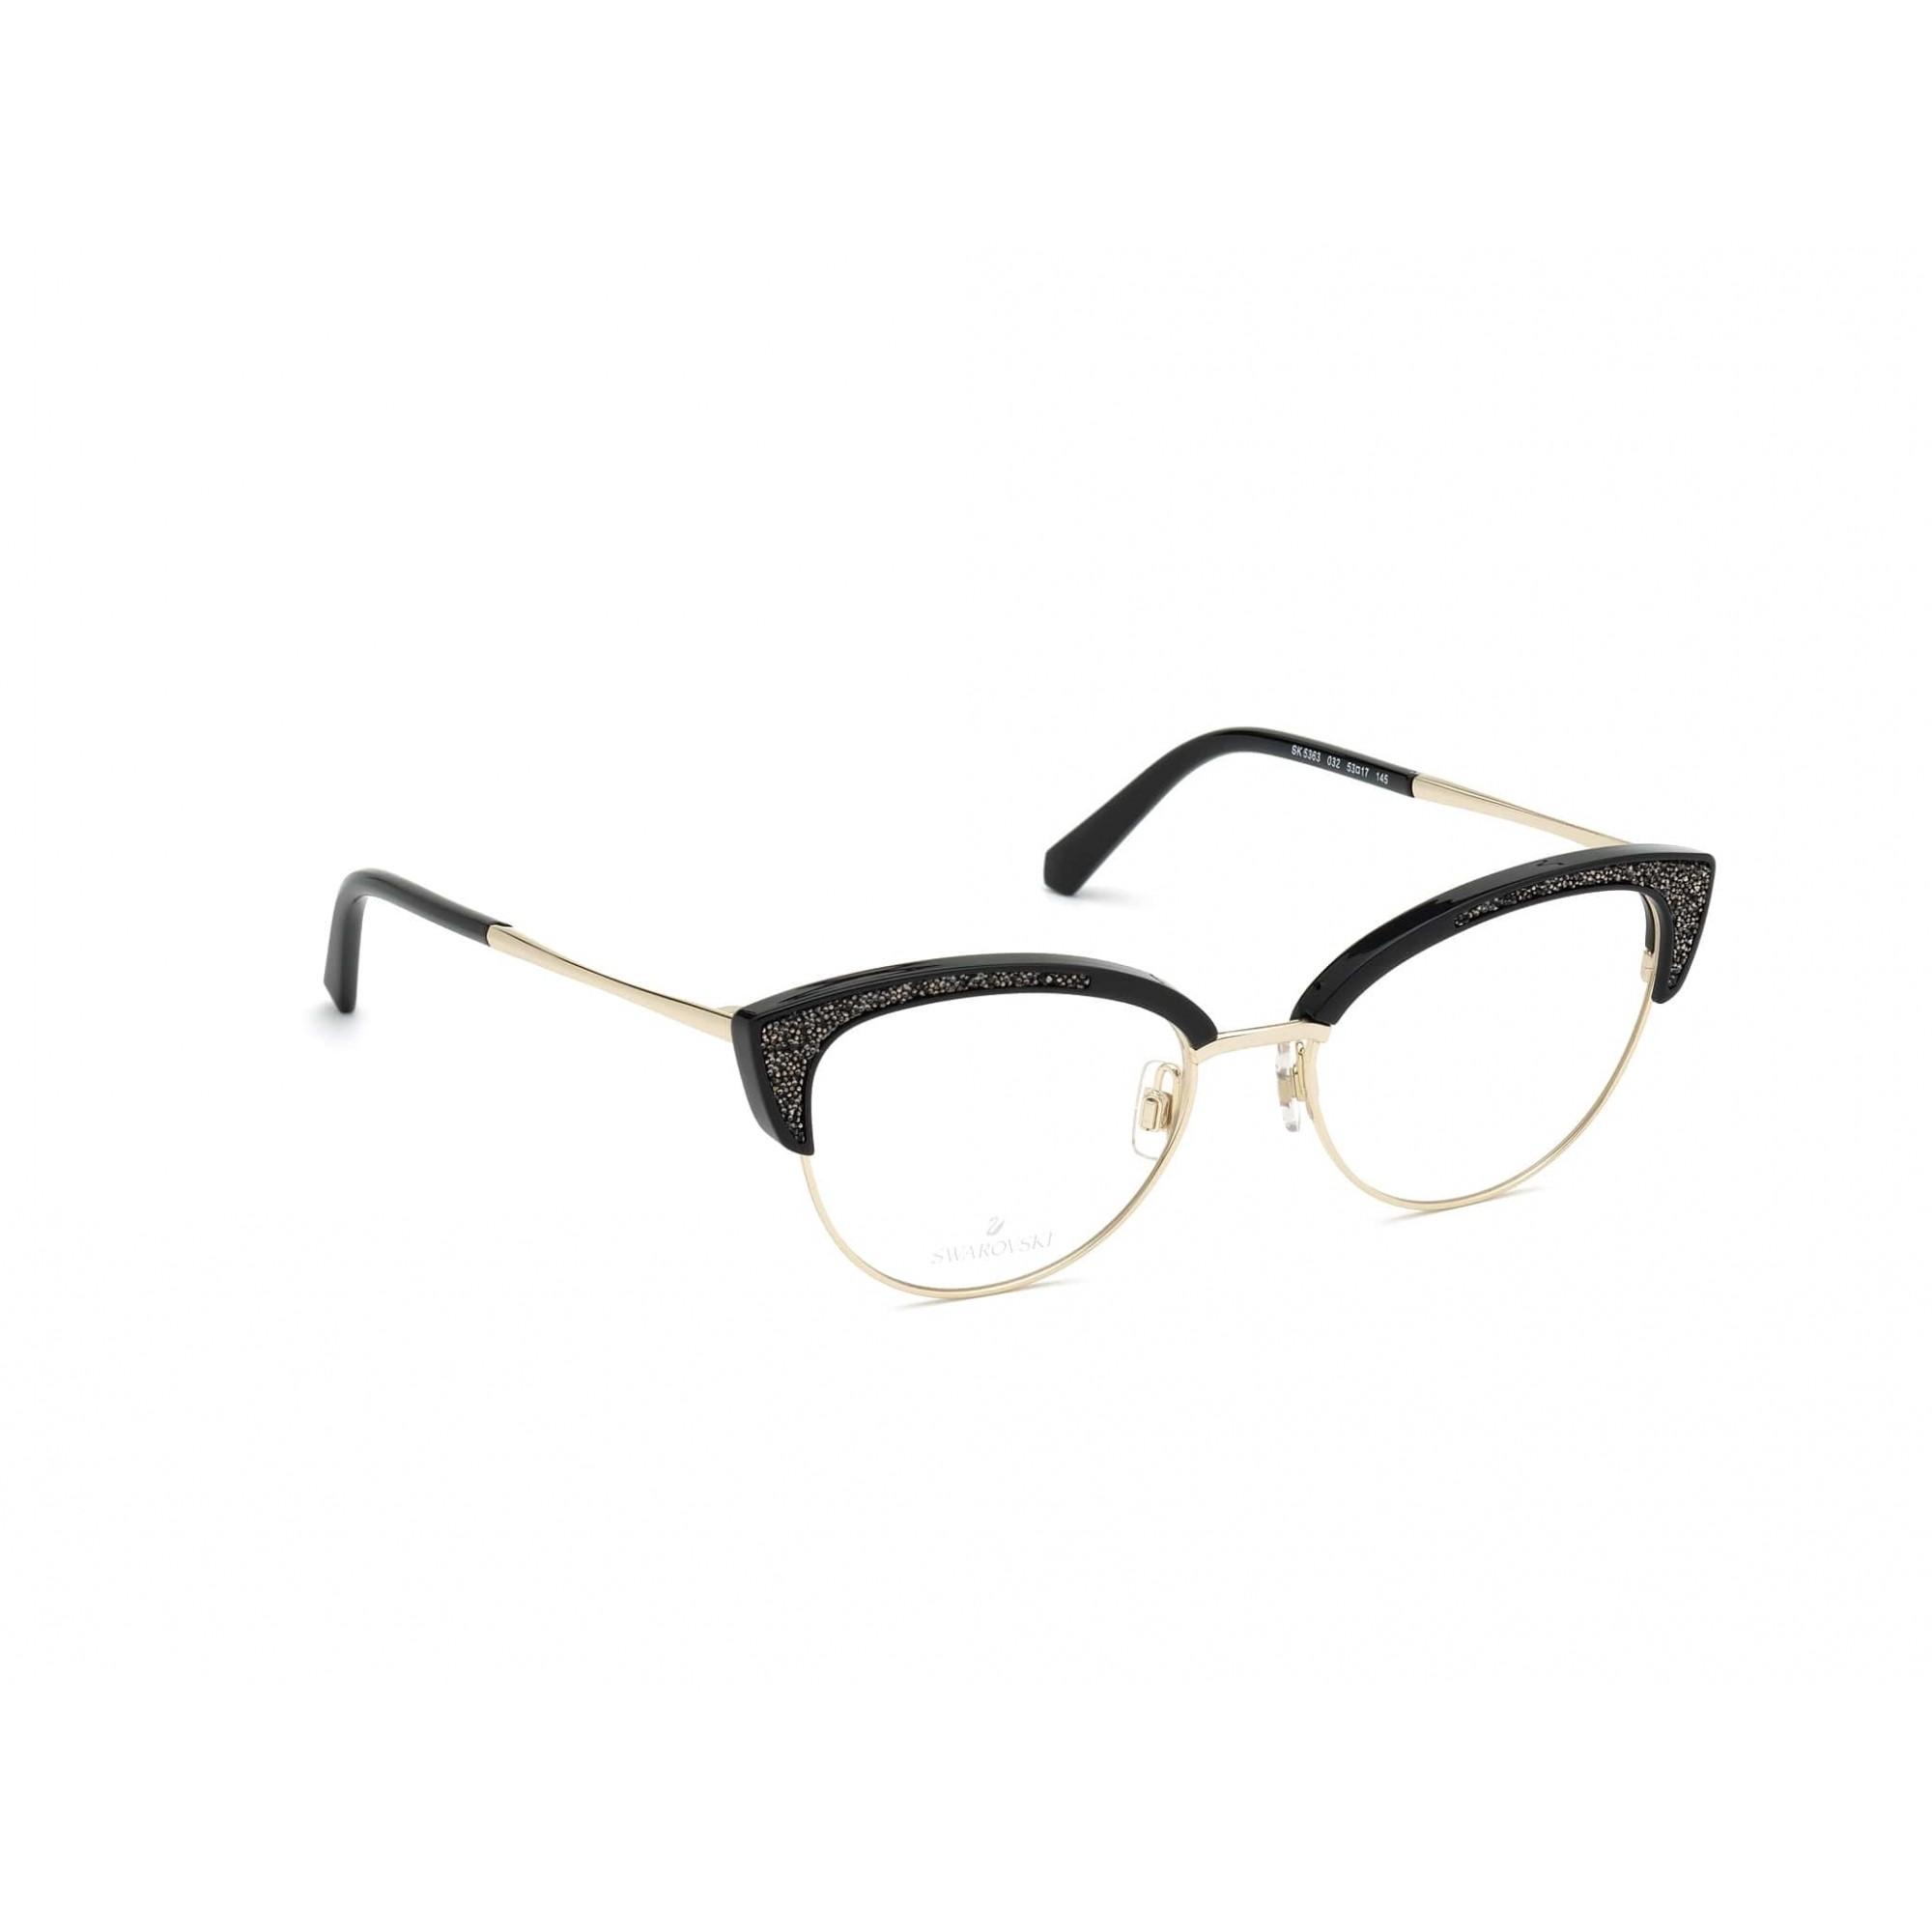 Swarovski - SK5363 032 53 - Óculos de Grau